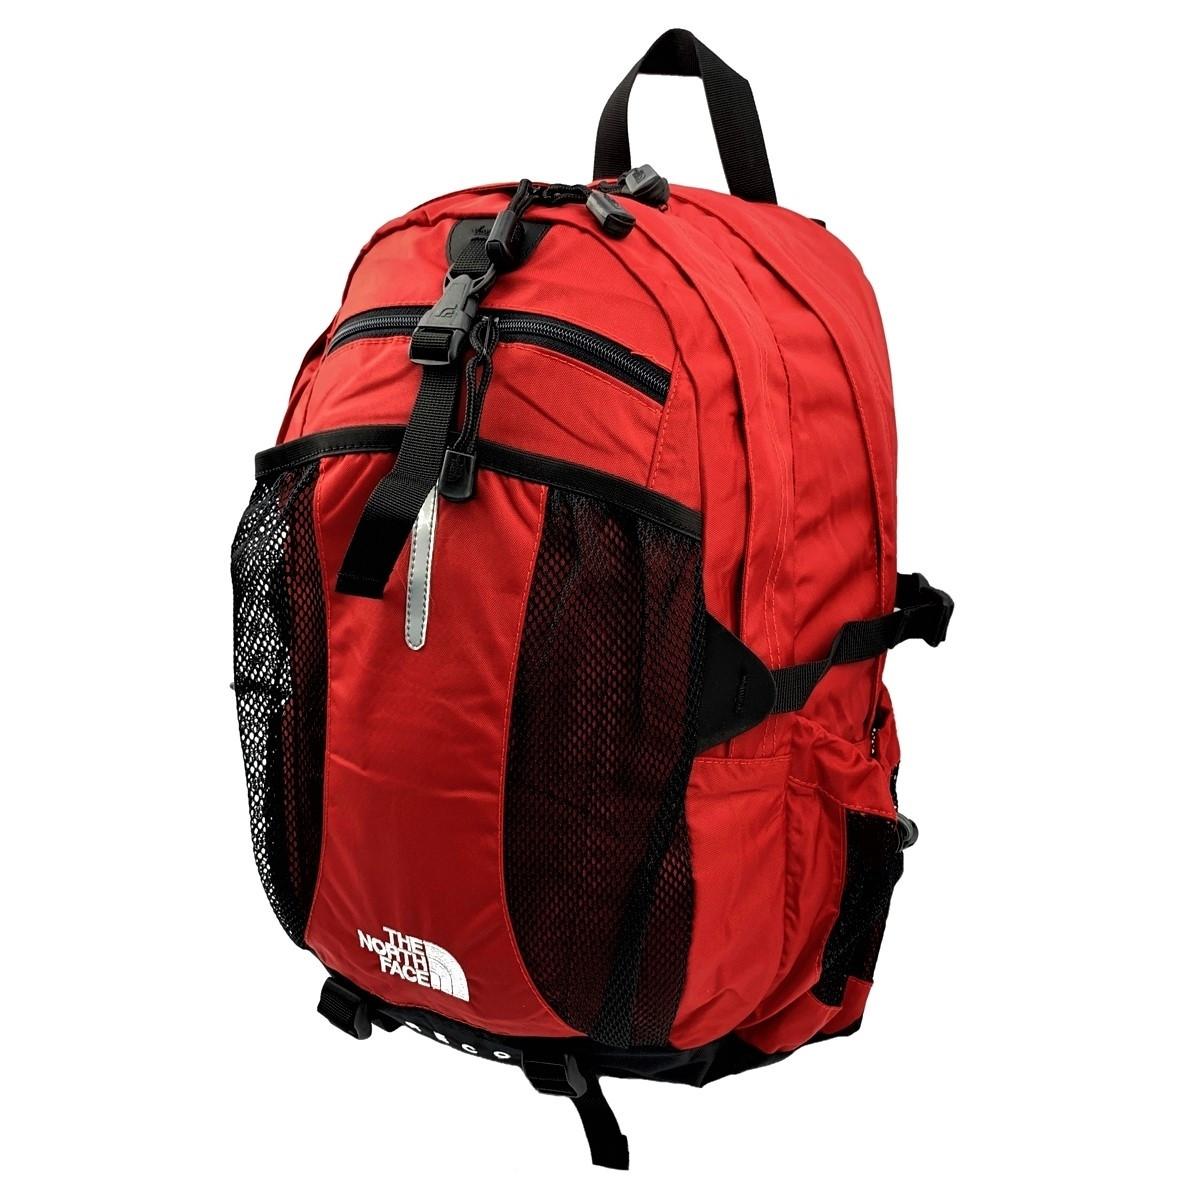 Городской рюкзак The North Face Recon 33L красного цвета с отделением для ноутбука